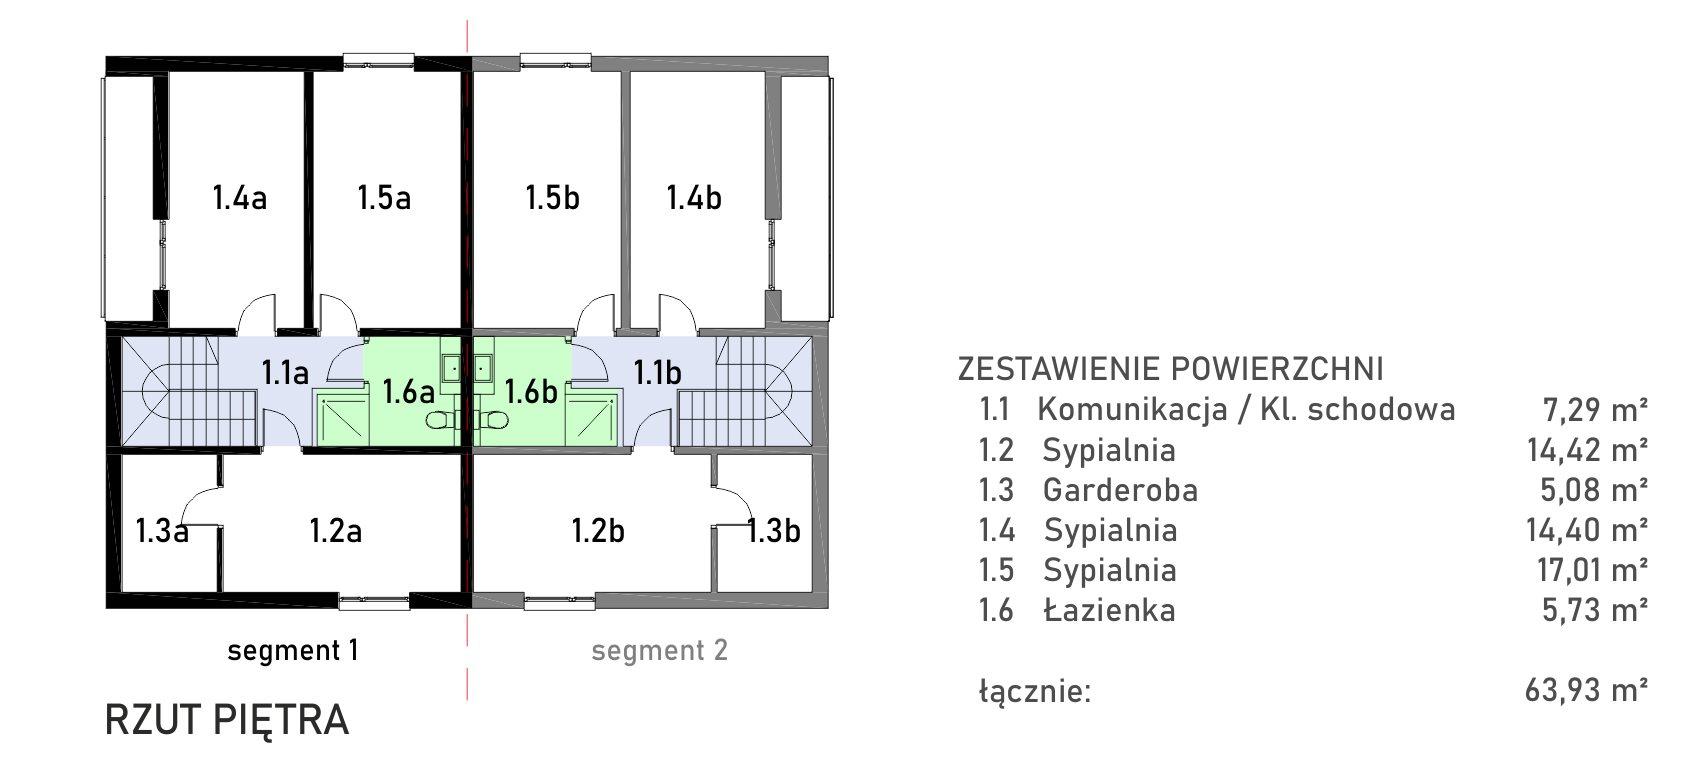 Dom na sprzedaż Mysłowice, Wesoła, 3 Maja  128m2 Foto 5